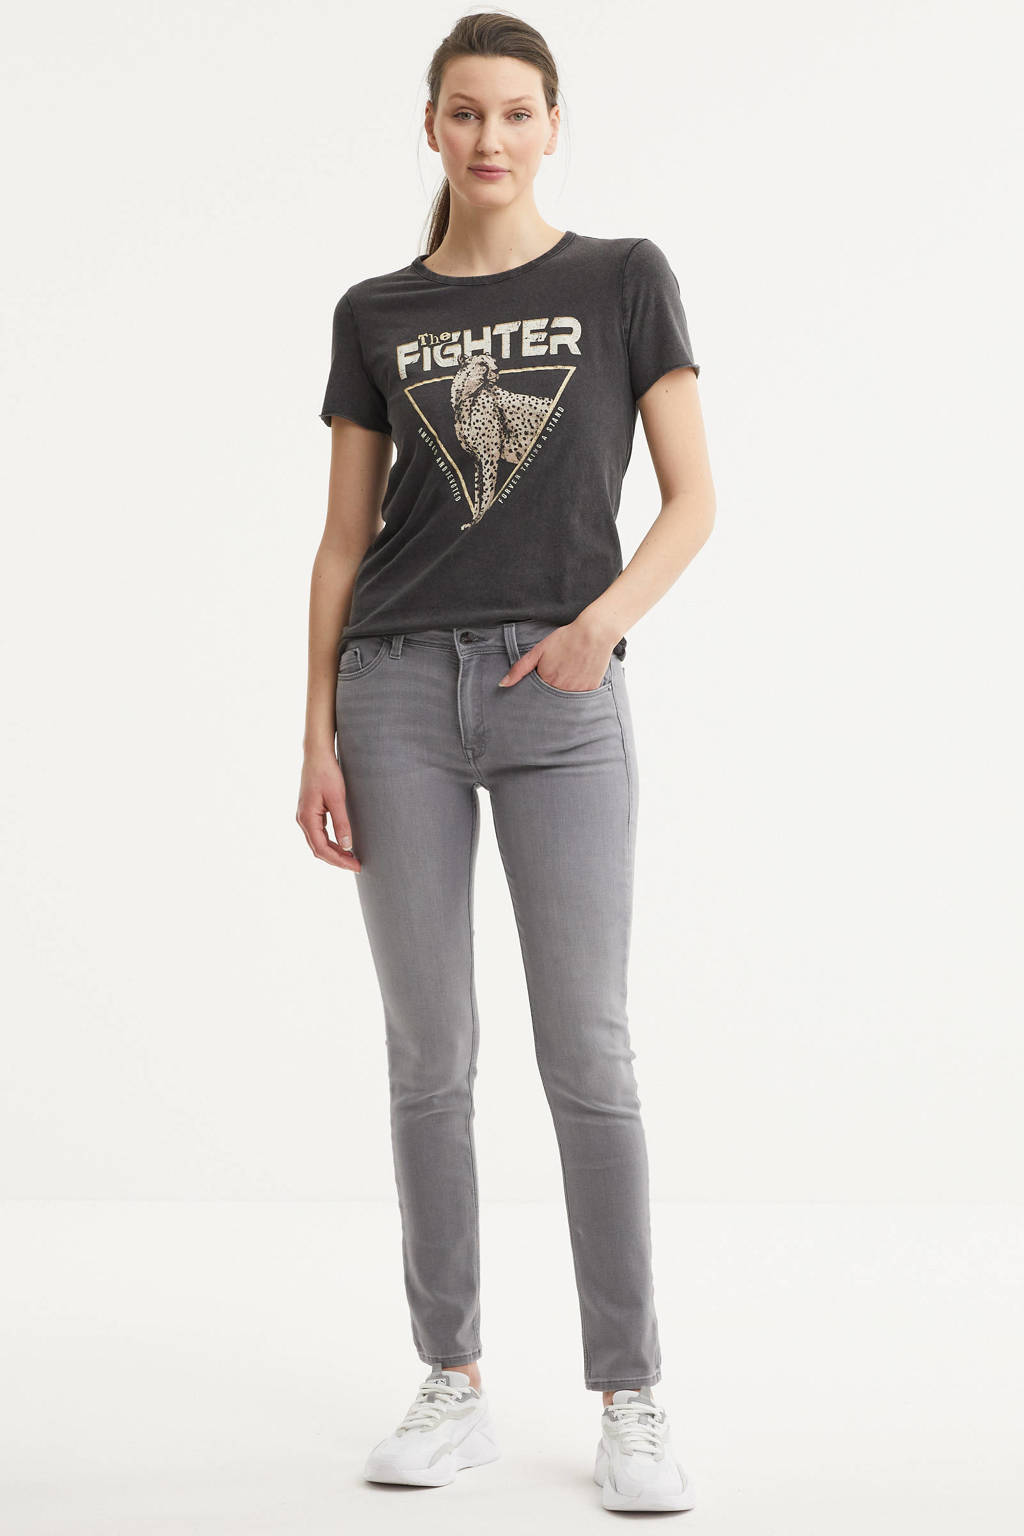 ONLY T-shirt met printopdruk zwart, Zwart